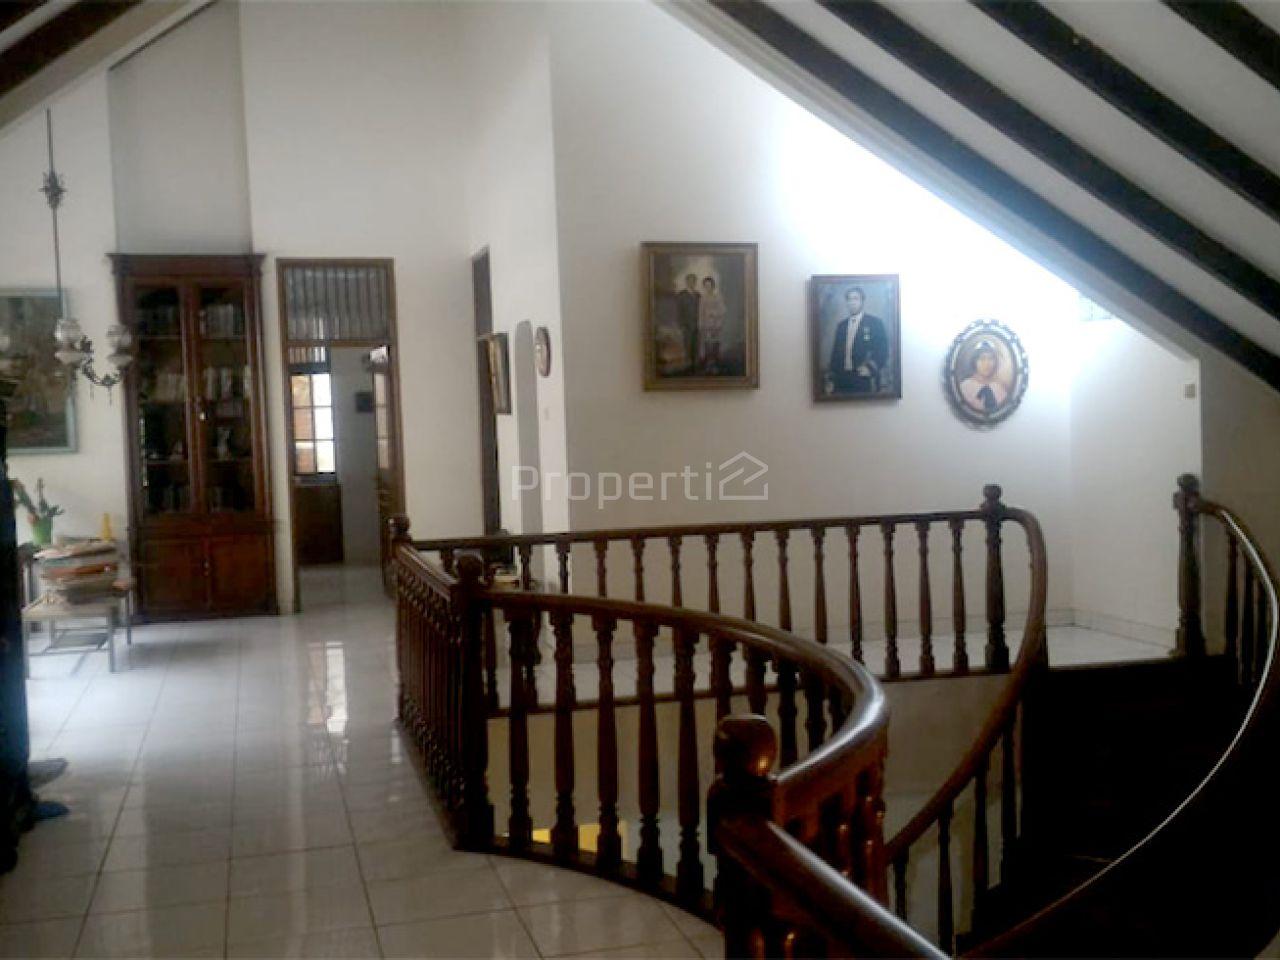 2 Storey House in Menteng, Central Jakarta, Menteng